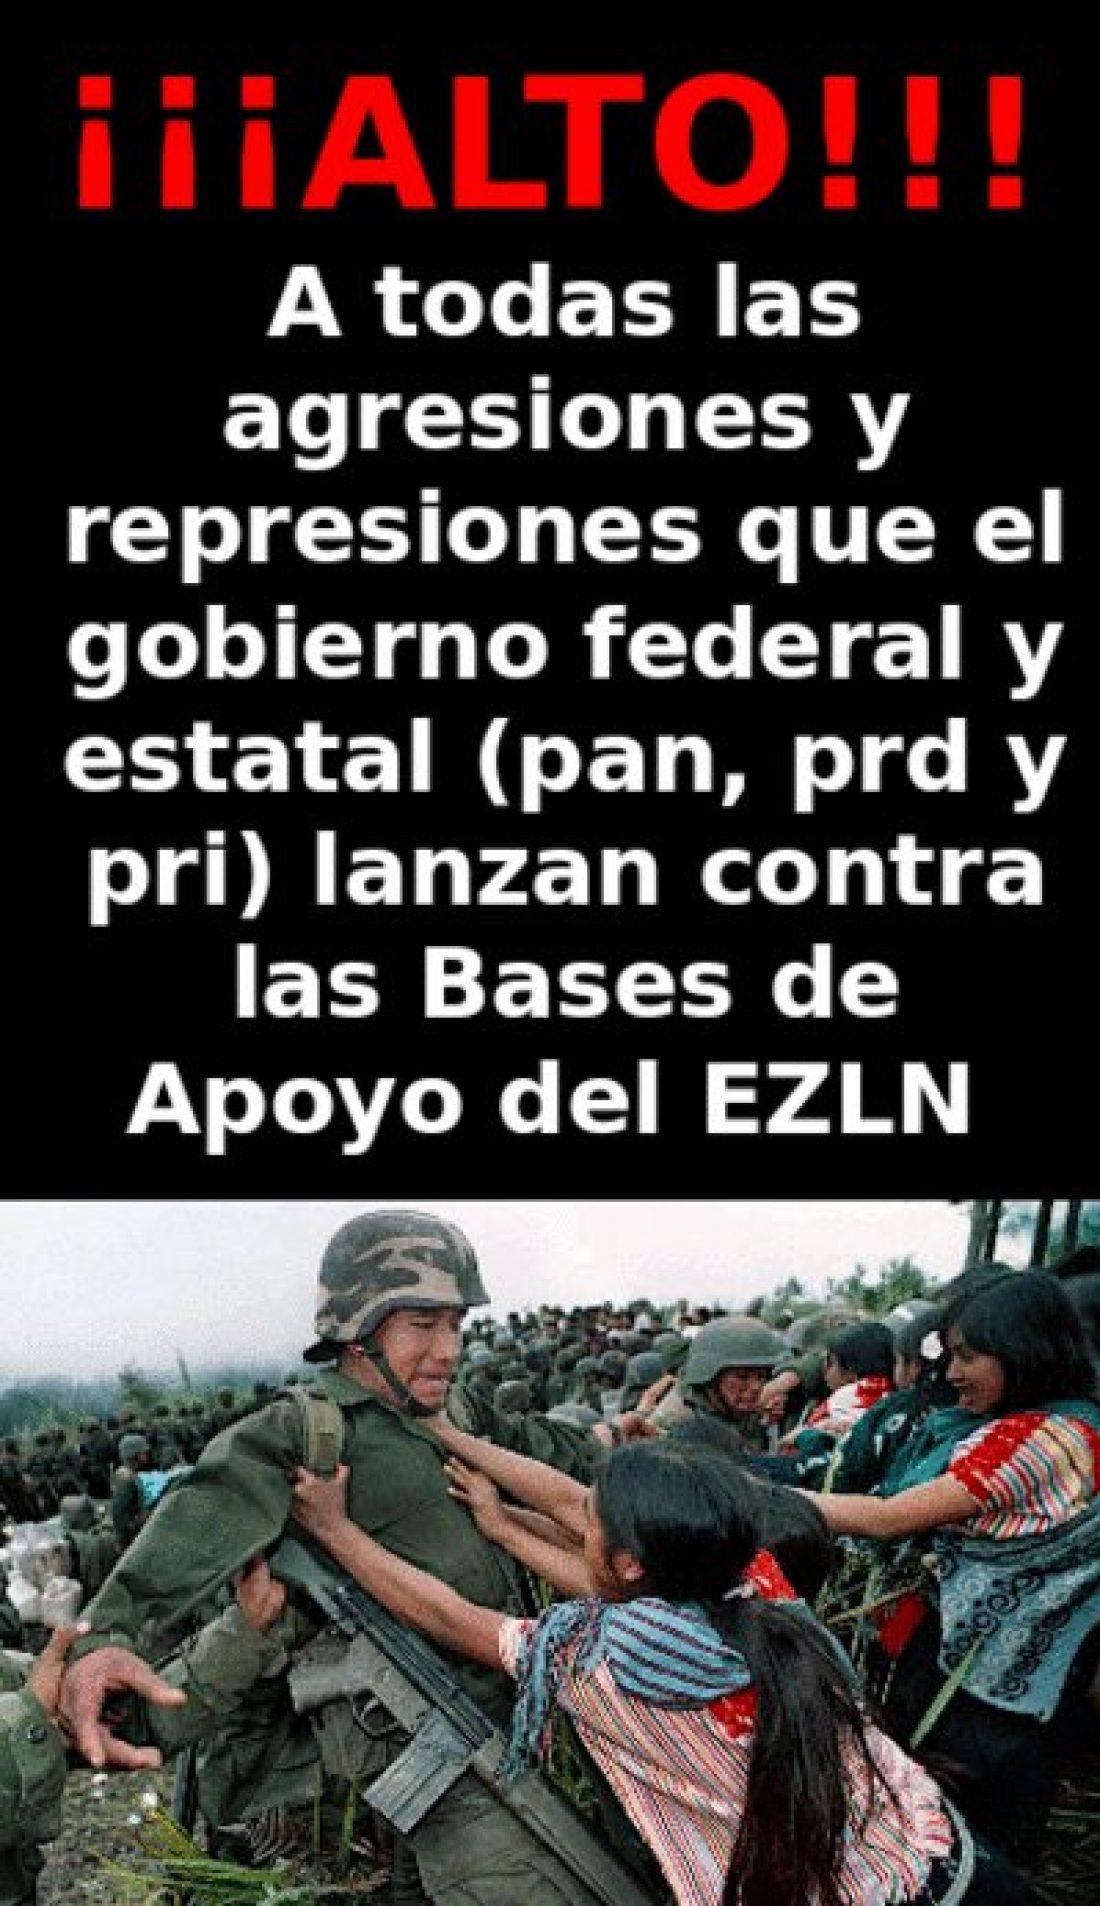 CGT se indigna ante las torturas y amenazas a Bases de apoyo Zapatistas (BAZ)